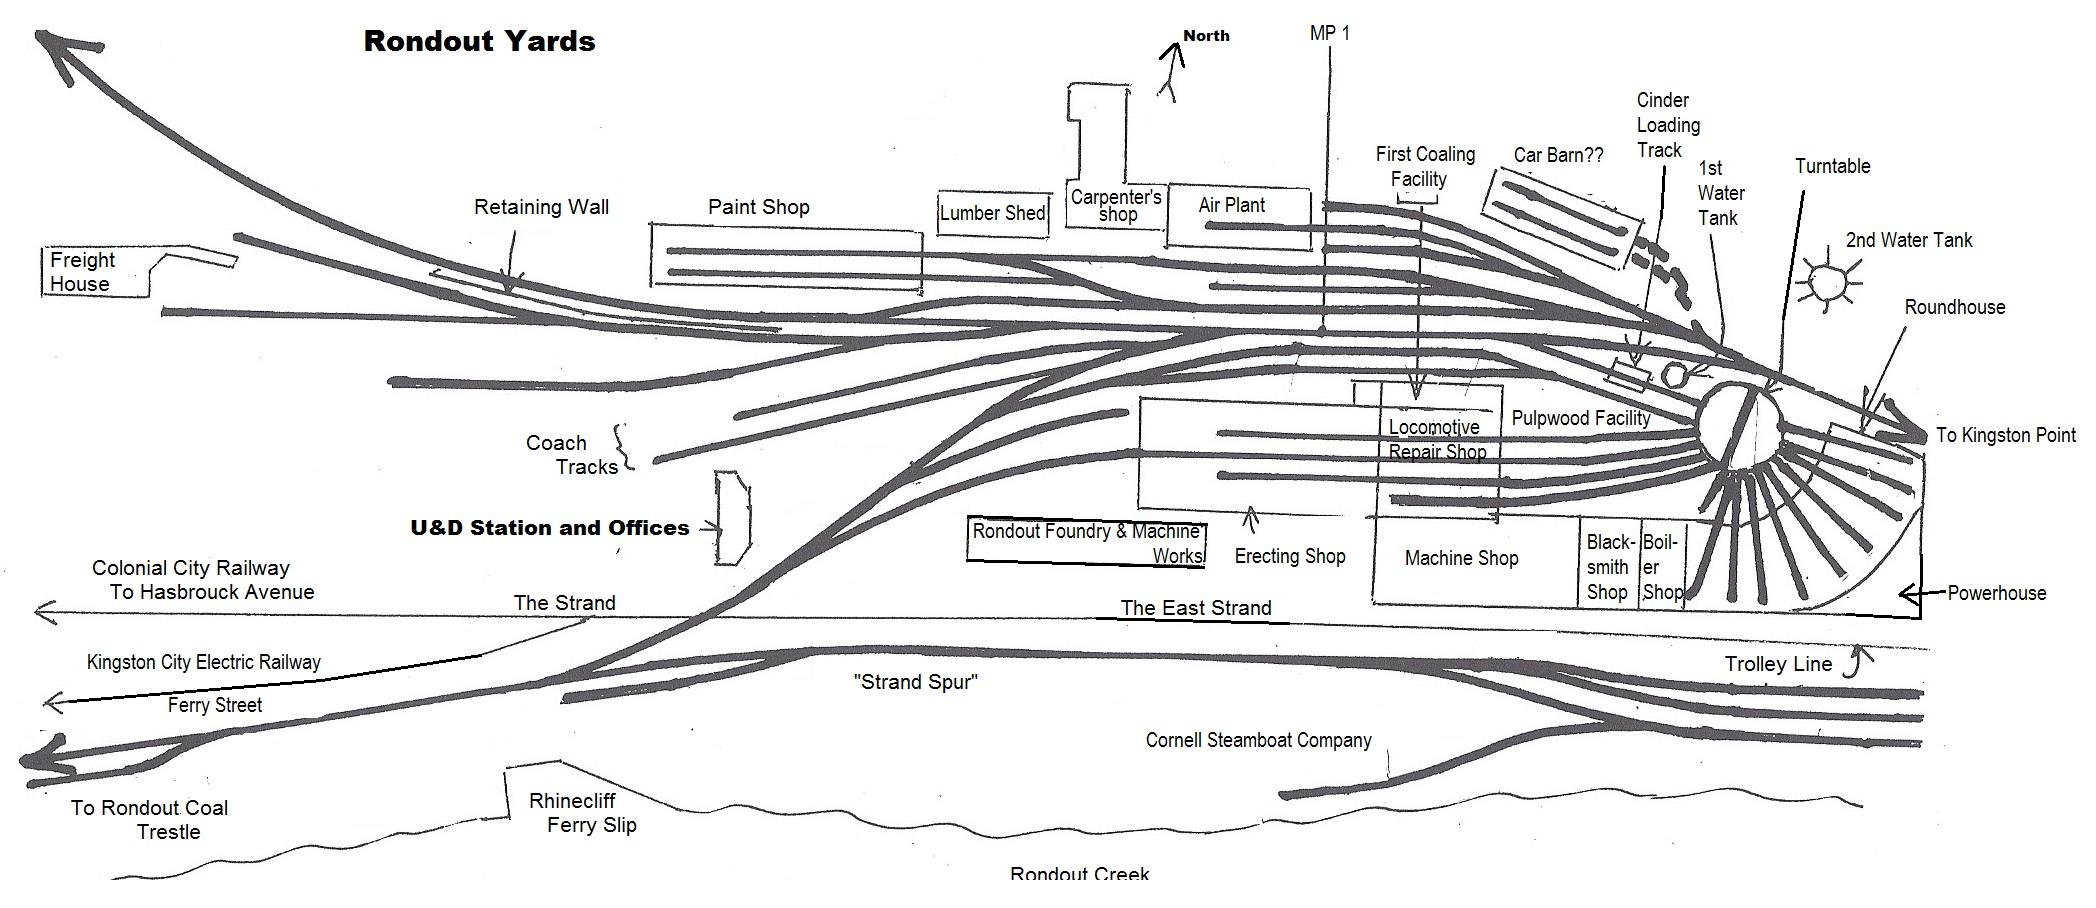 Map Drawn By Michael Kudish Page